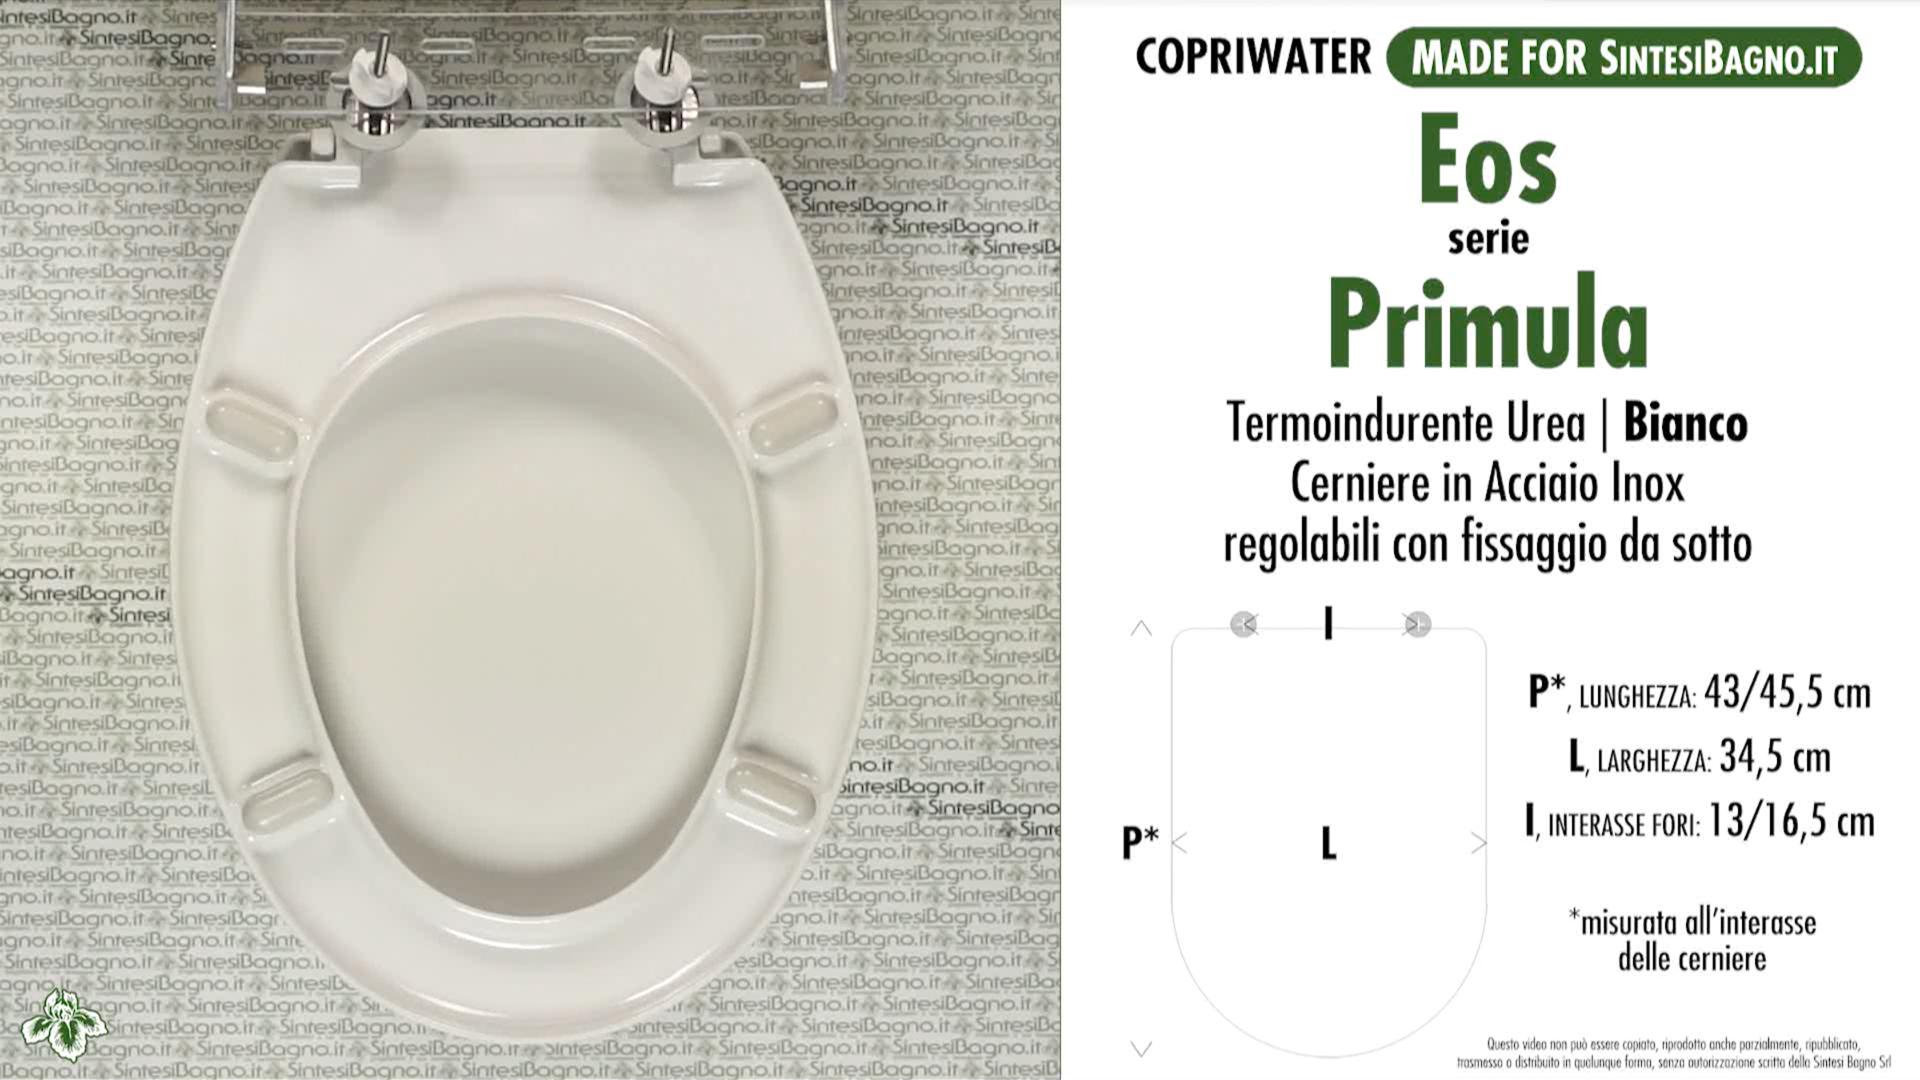 SCHEDA TECNICA MISURE copriwater EOS PRIMULA